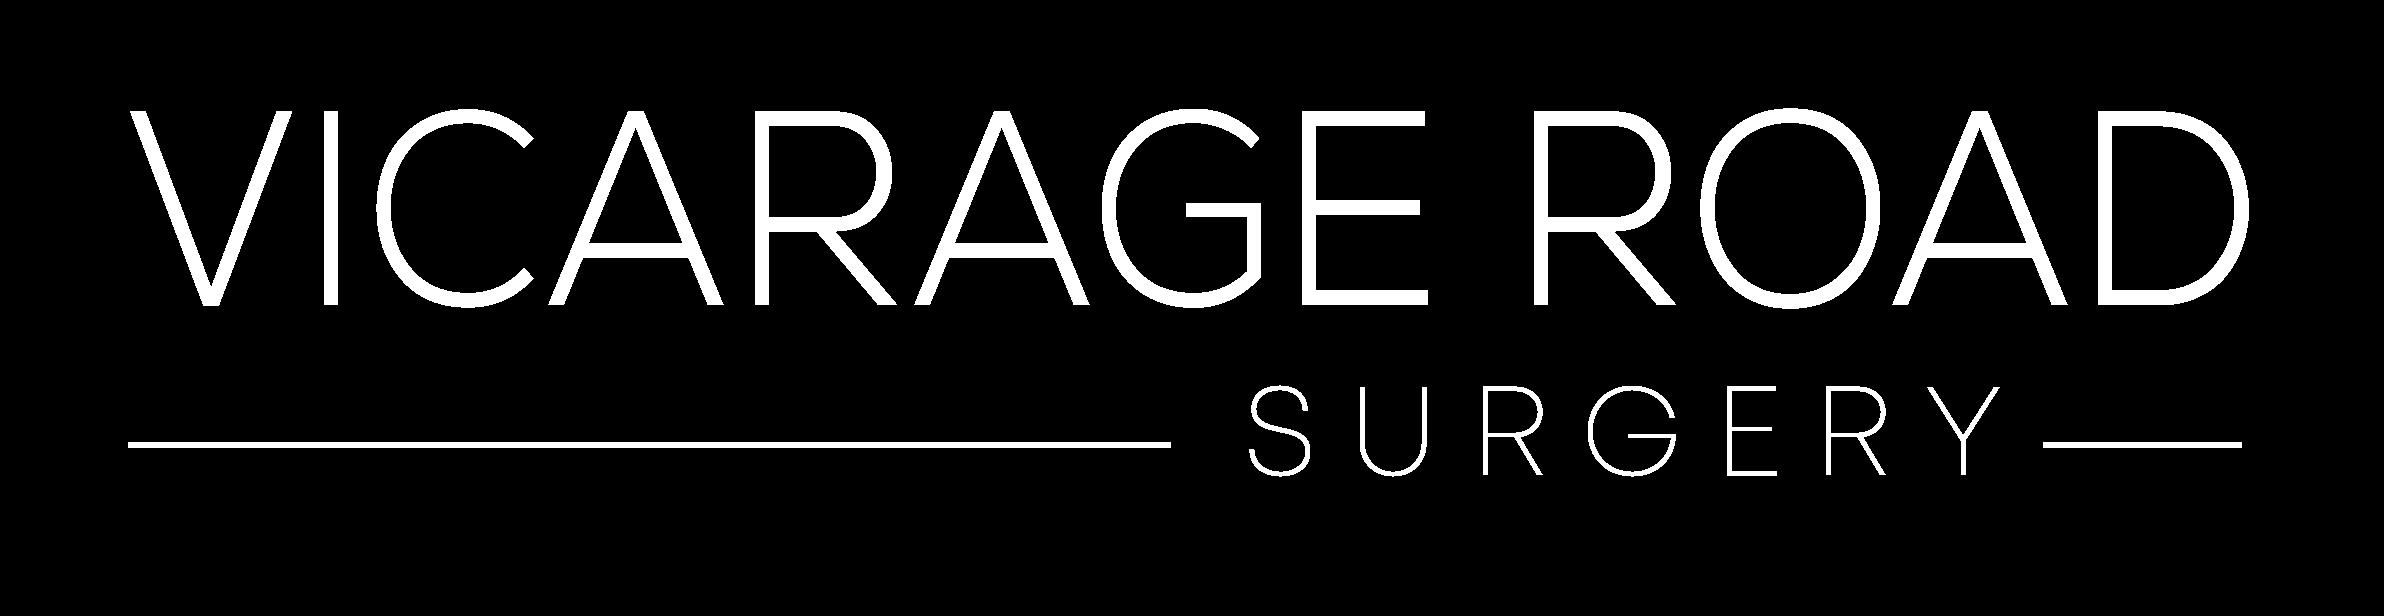 Vicarage Road Surgery